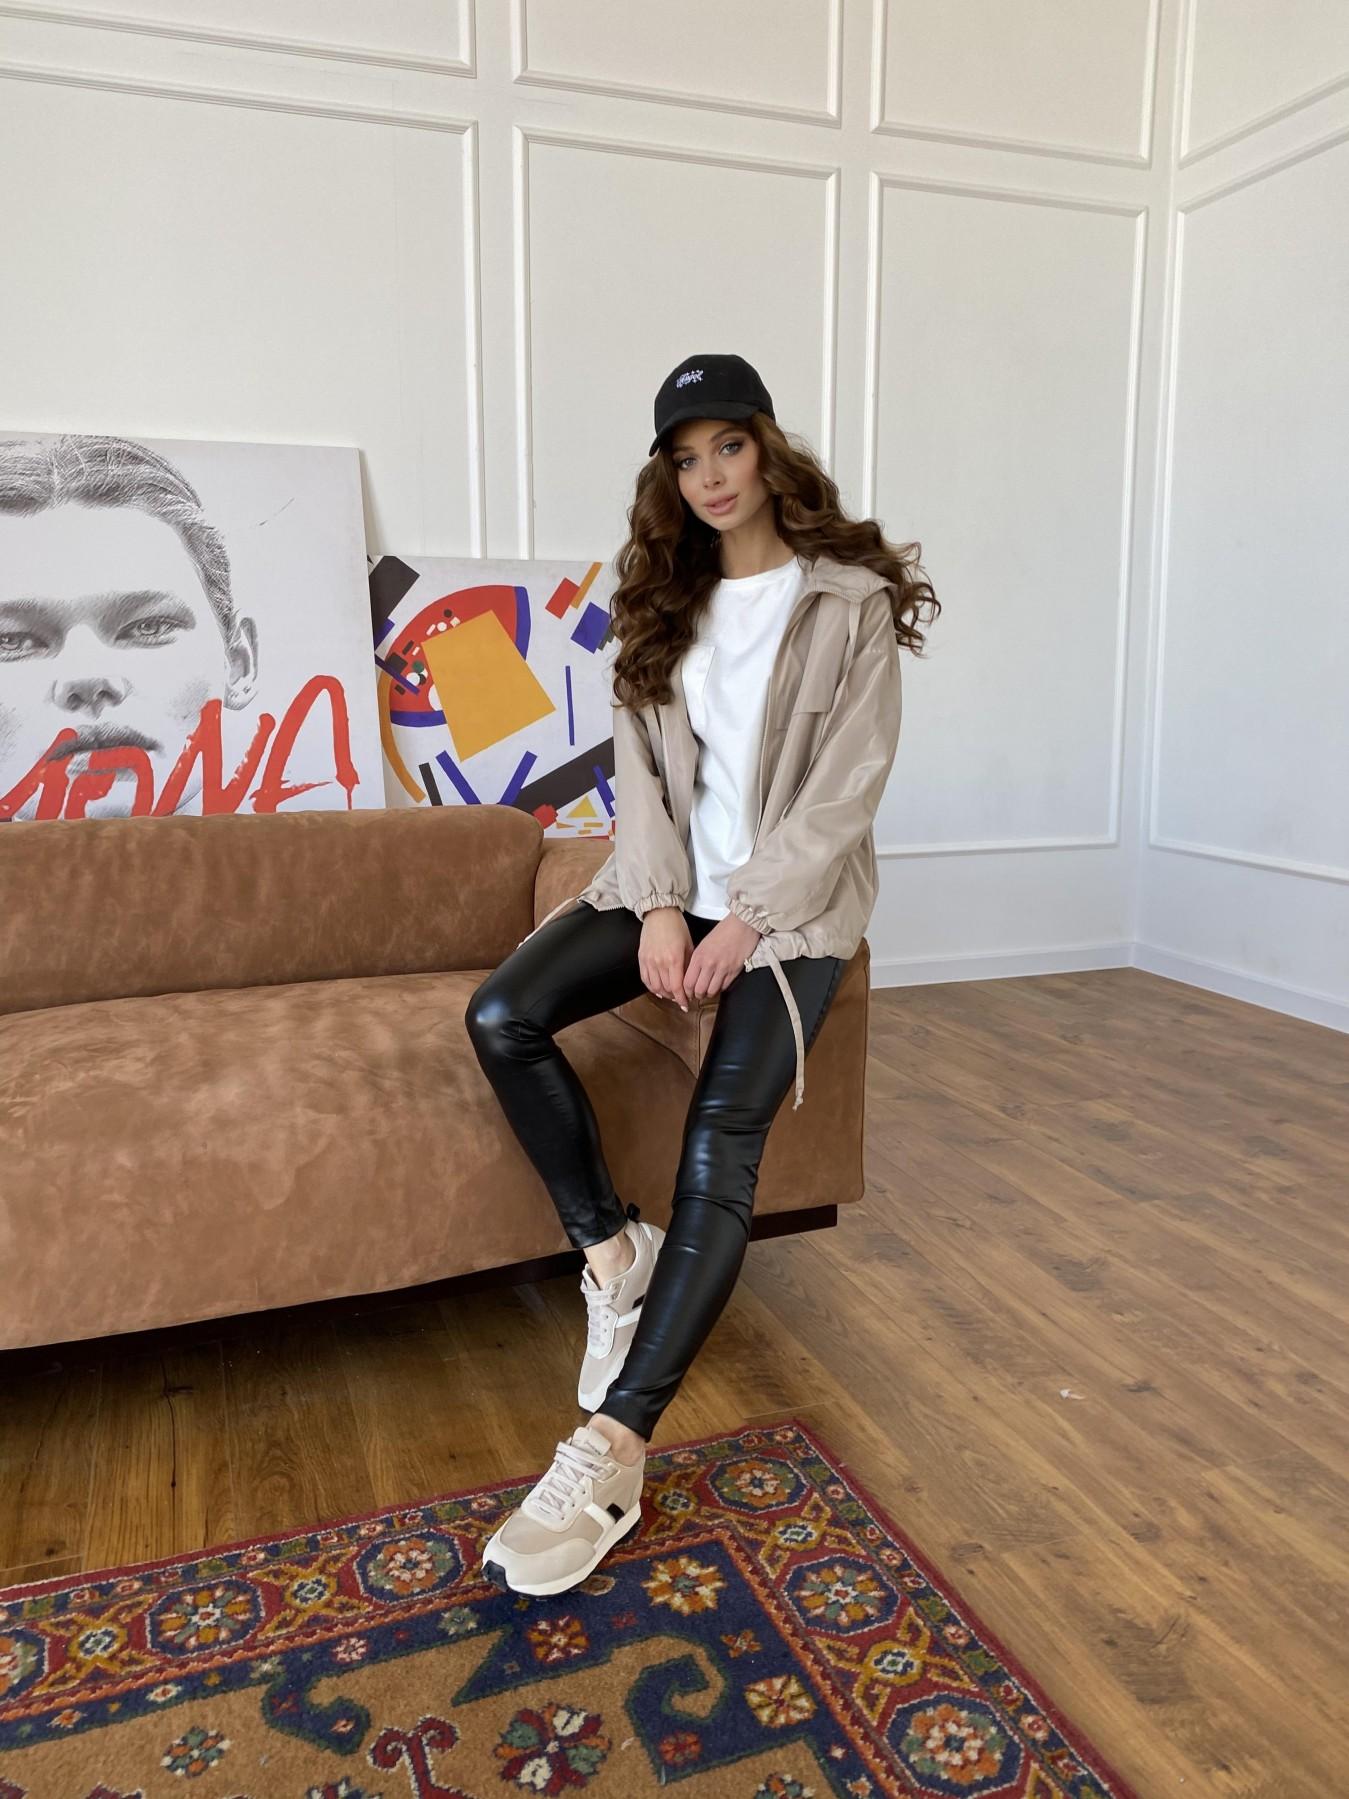 Фит куртка из плащевки Ammy 10971 АРТ. 47466 Цвет: Бежевый - фото 7, интернет магазин tm-modus.ru